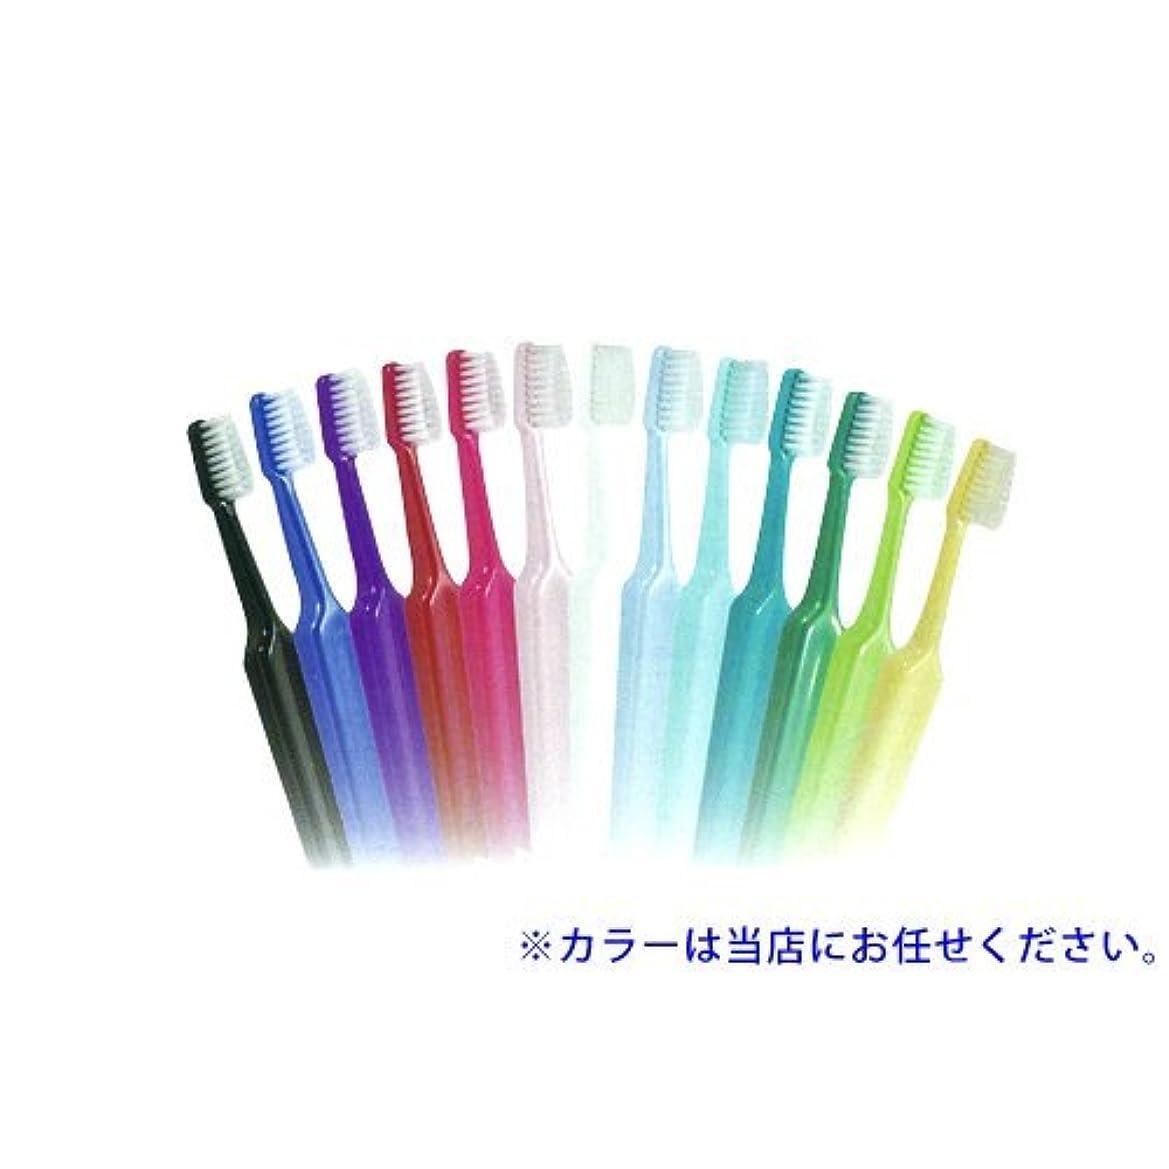 見込み不規則性女性クロスフィールド TePe テペ セレクトコンパクト 歯ブラシ 1本 コンパクト エクストラソフト